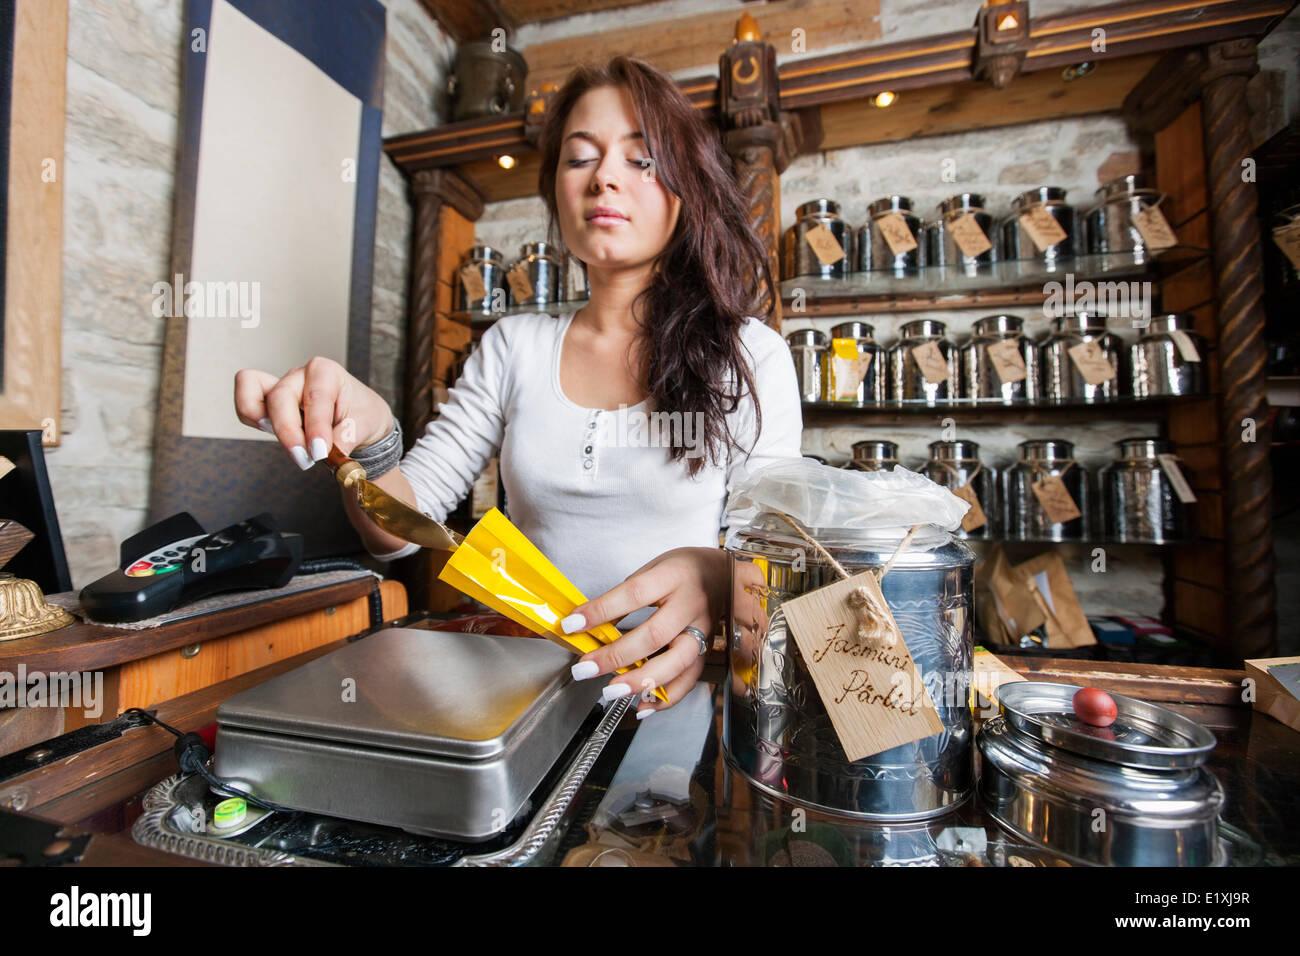 Junger Verkäufer schöpfen Zutat in Papiertüte im Teeladen Stockbild